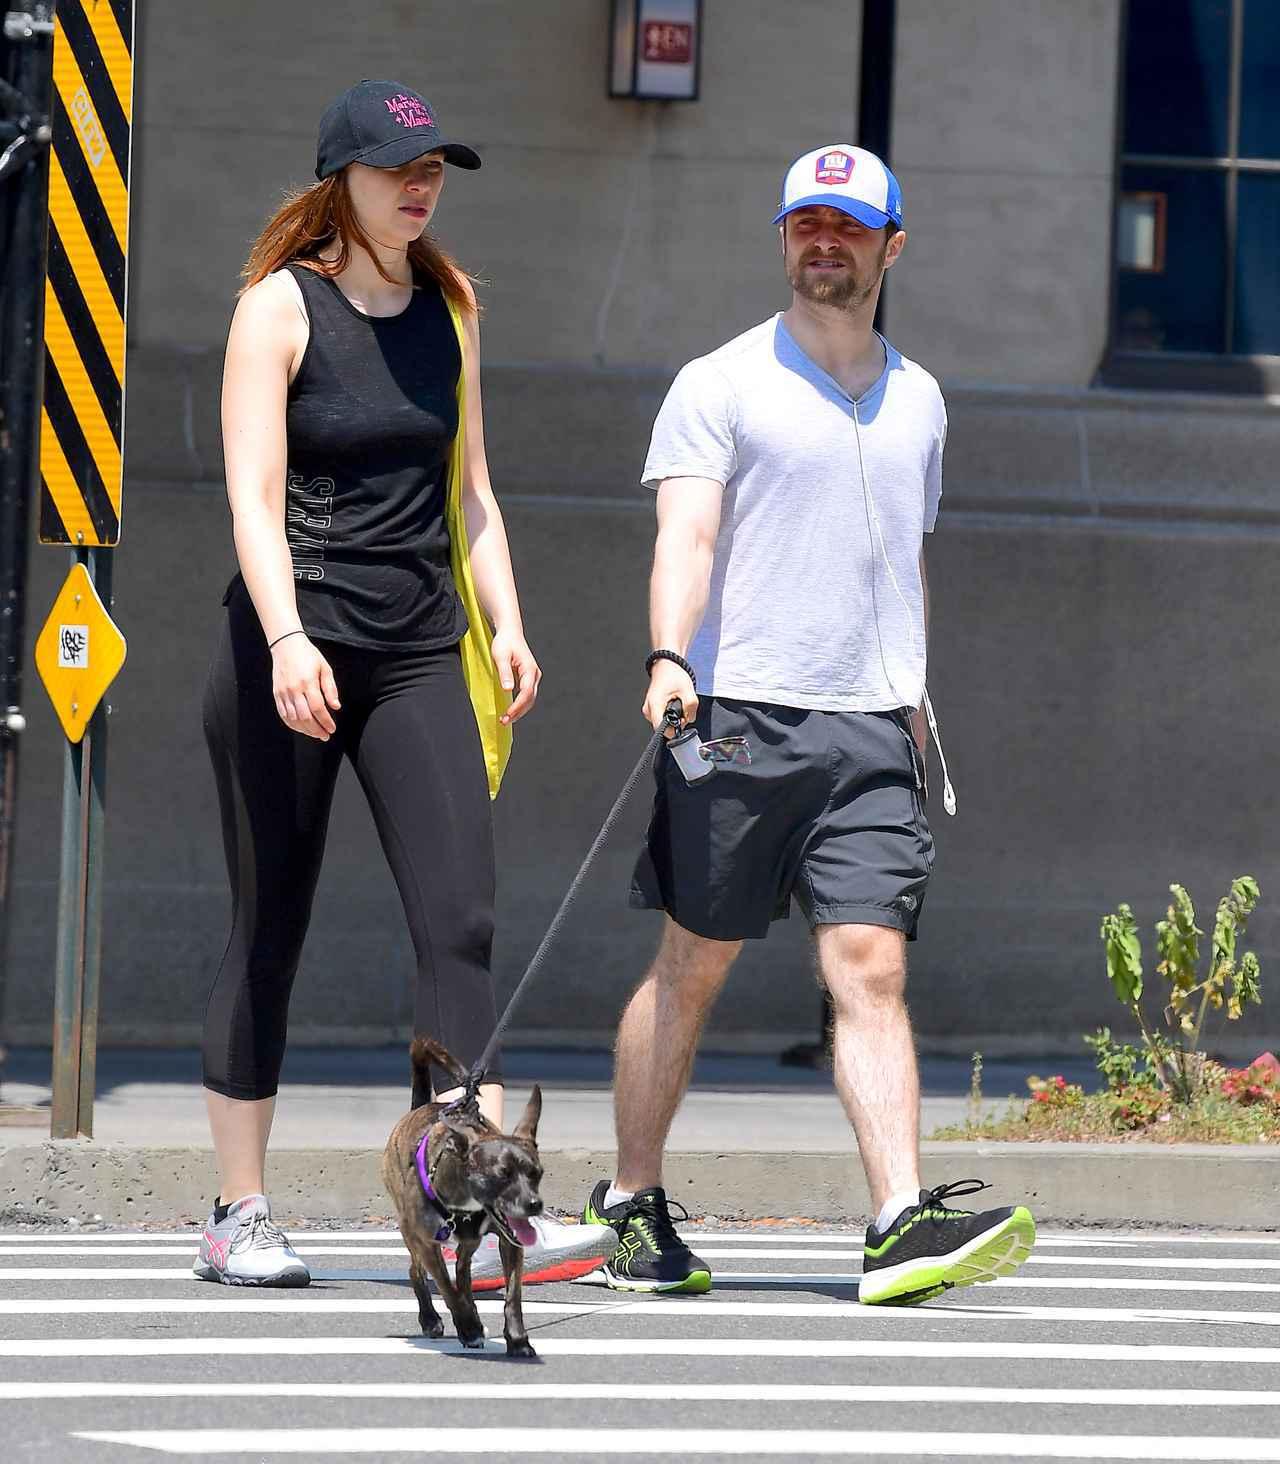 画像: 2019年7月に撮られた写真。散歩しているのが保護した愛犬だと思われる。